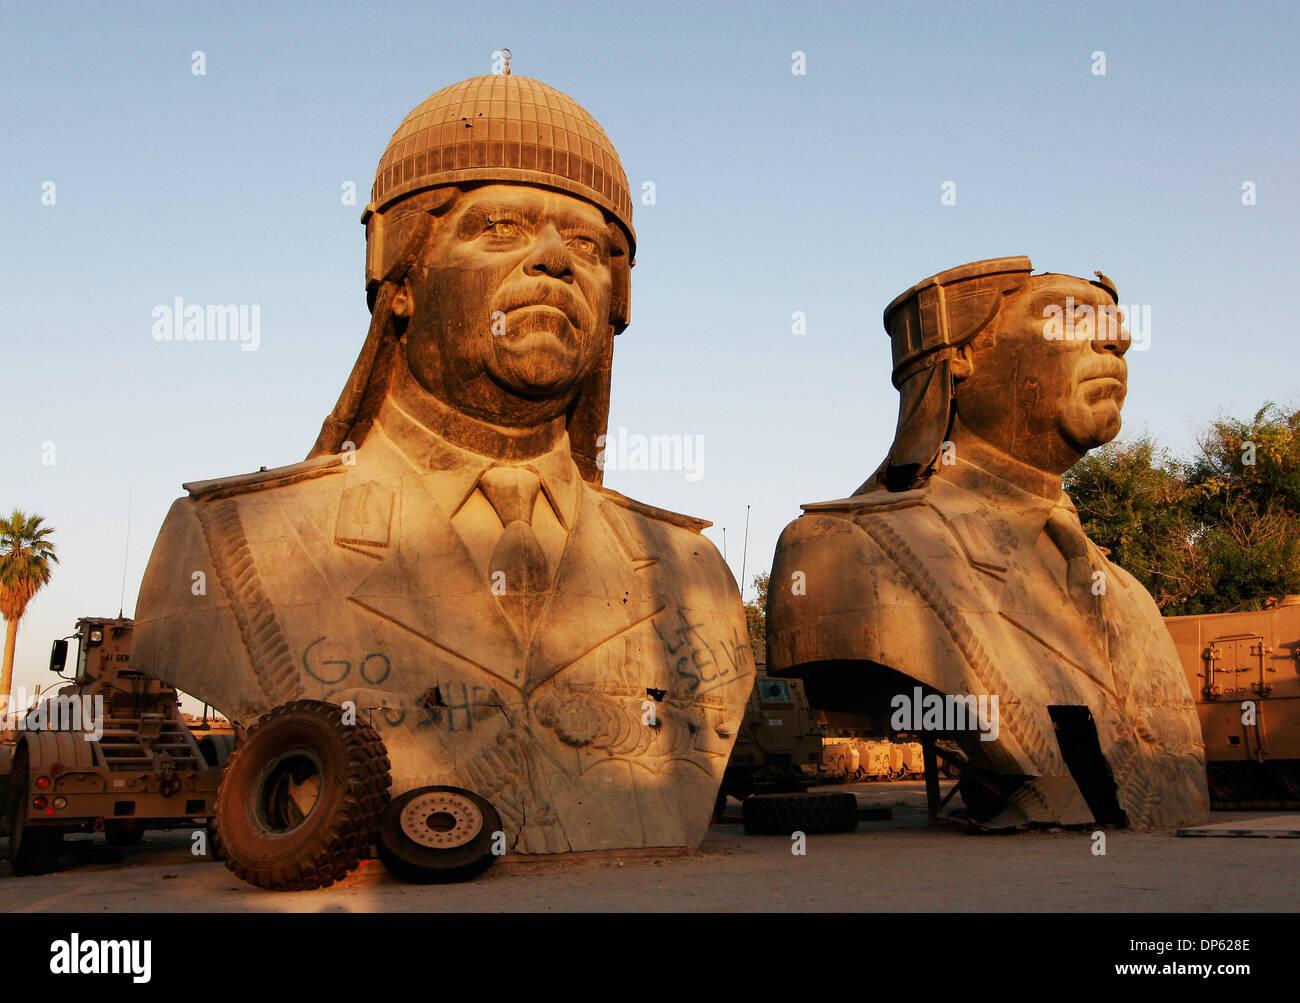 Jun 04, 2006; Bagdad, Irak; derribó a 20 pies de las estatuas de Saddam Hussein, tomado de uno de los palacios del ex presidente iraquí, sentarse en un lote de almacenamiento en la Zona Verde de Bagdad el 4 de junio de 2006. Crédito: Foto obligatoria por David Honl/ZUMA Press. (©) Copyright 2006 por David Honl Imagen De Stock